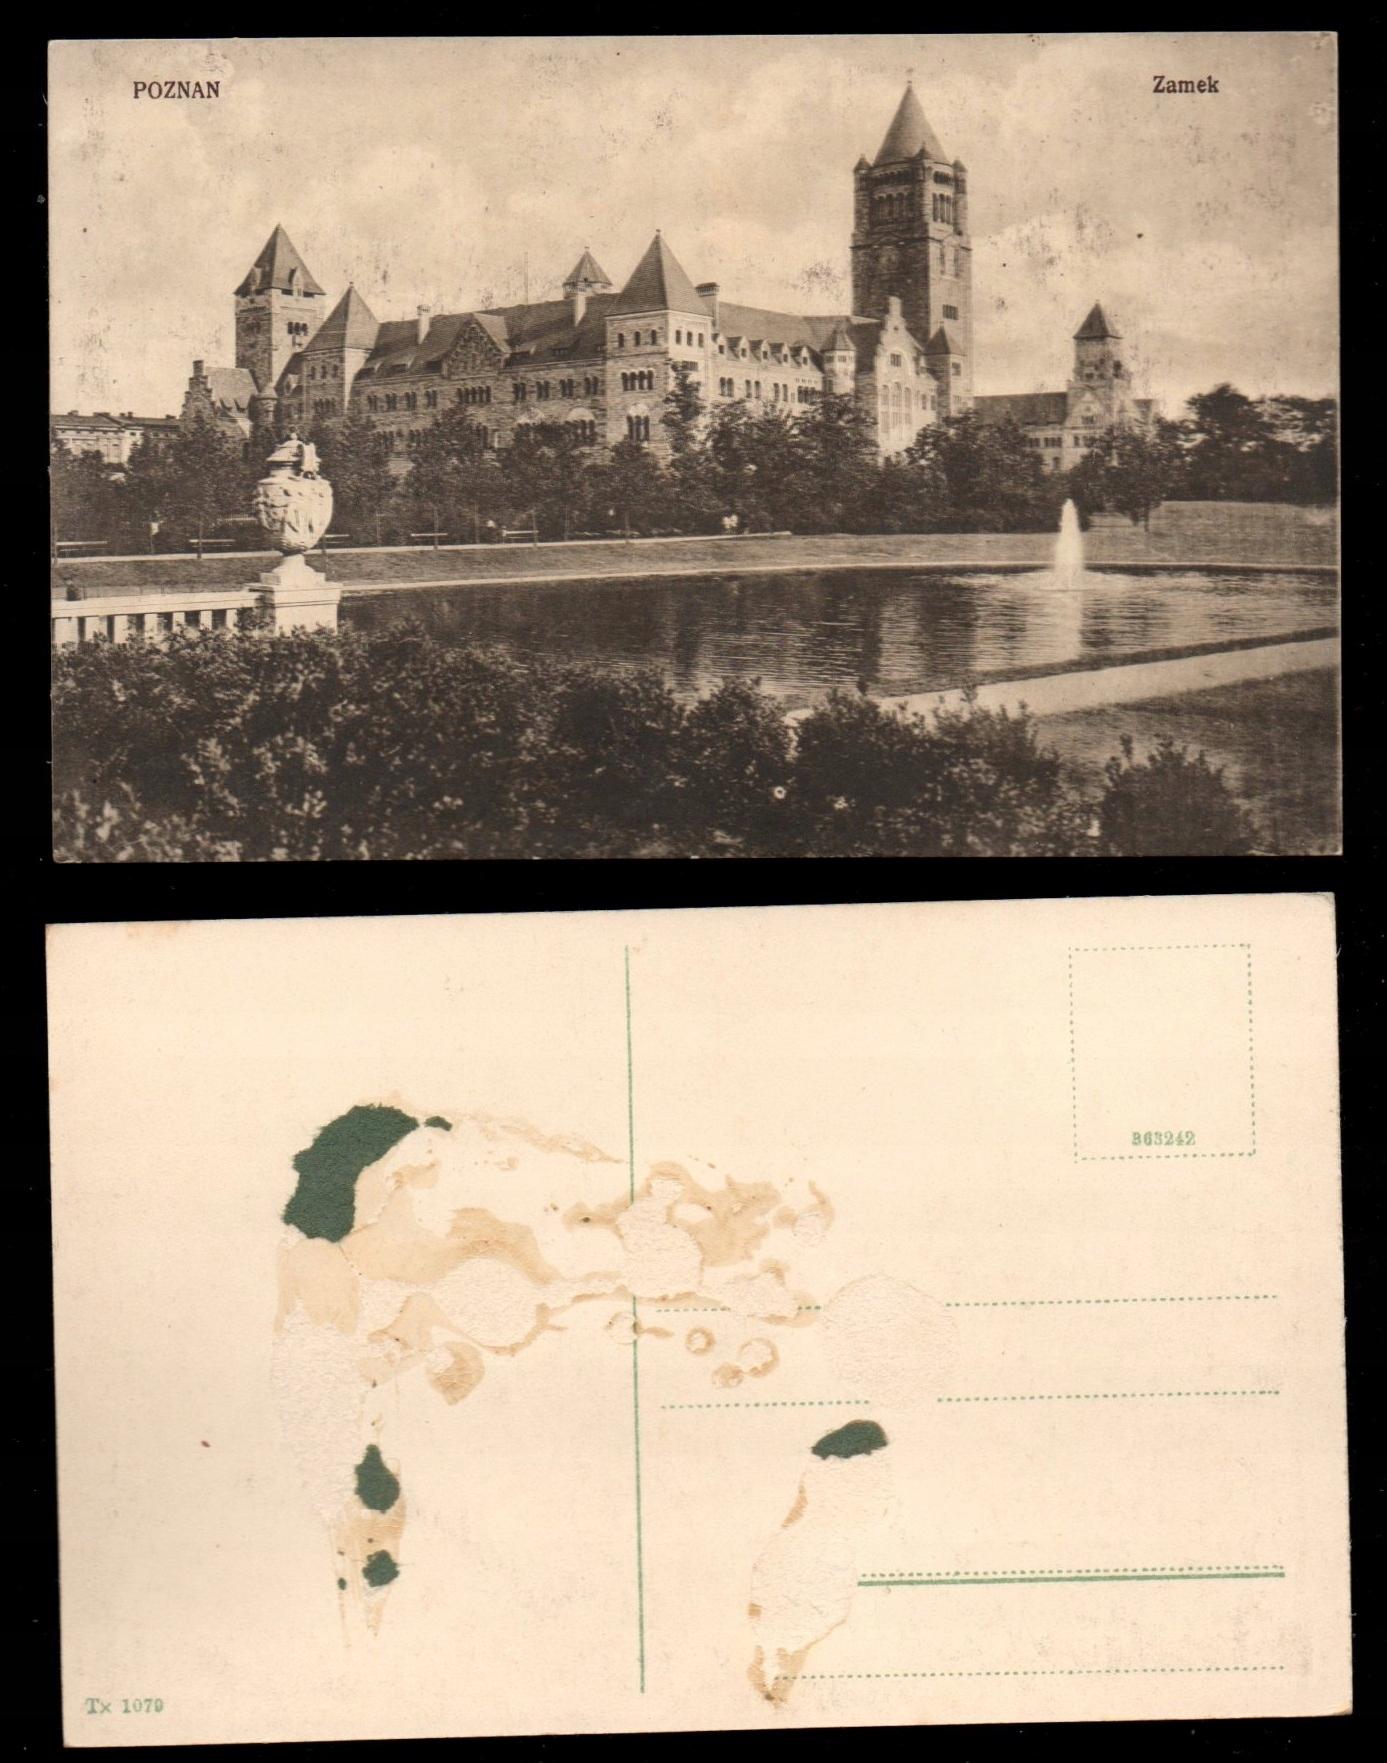 POZNAŃ Zamek Stara pocztówka